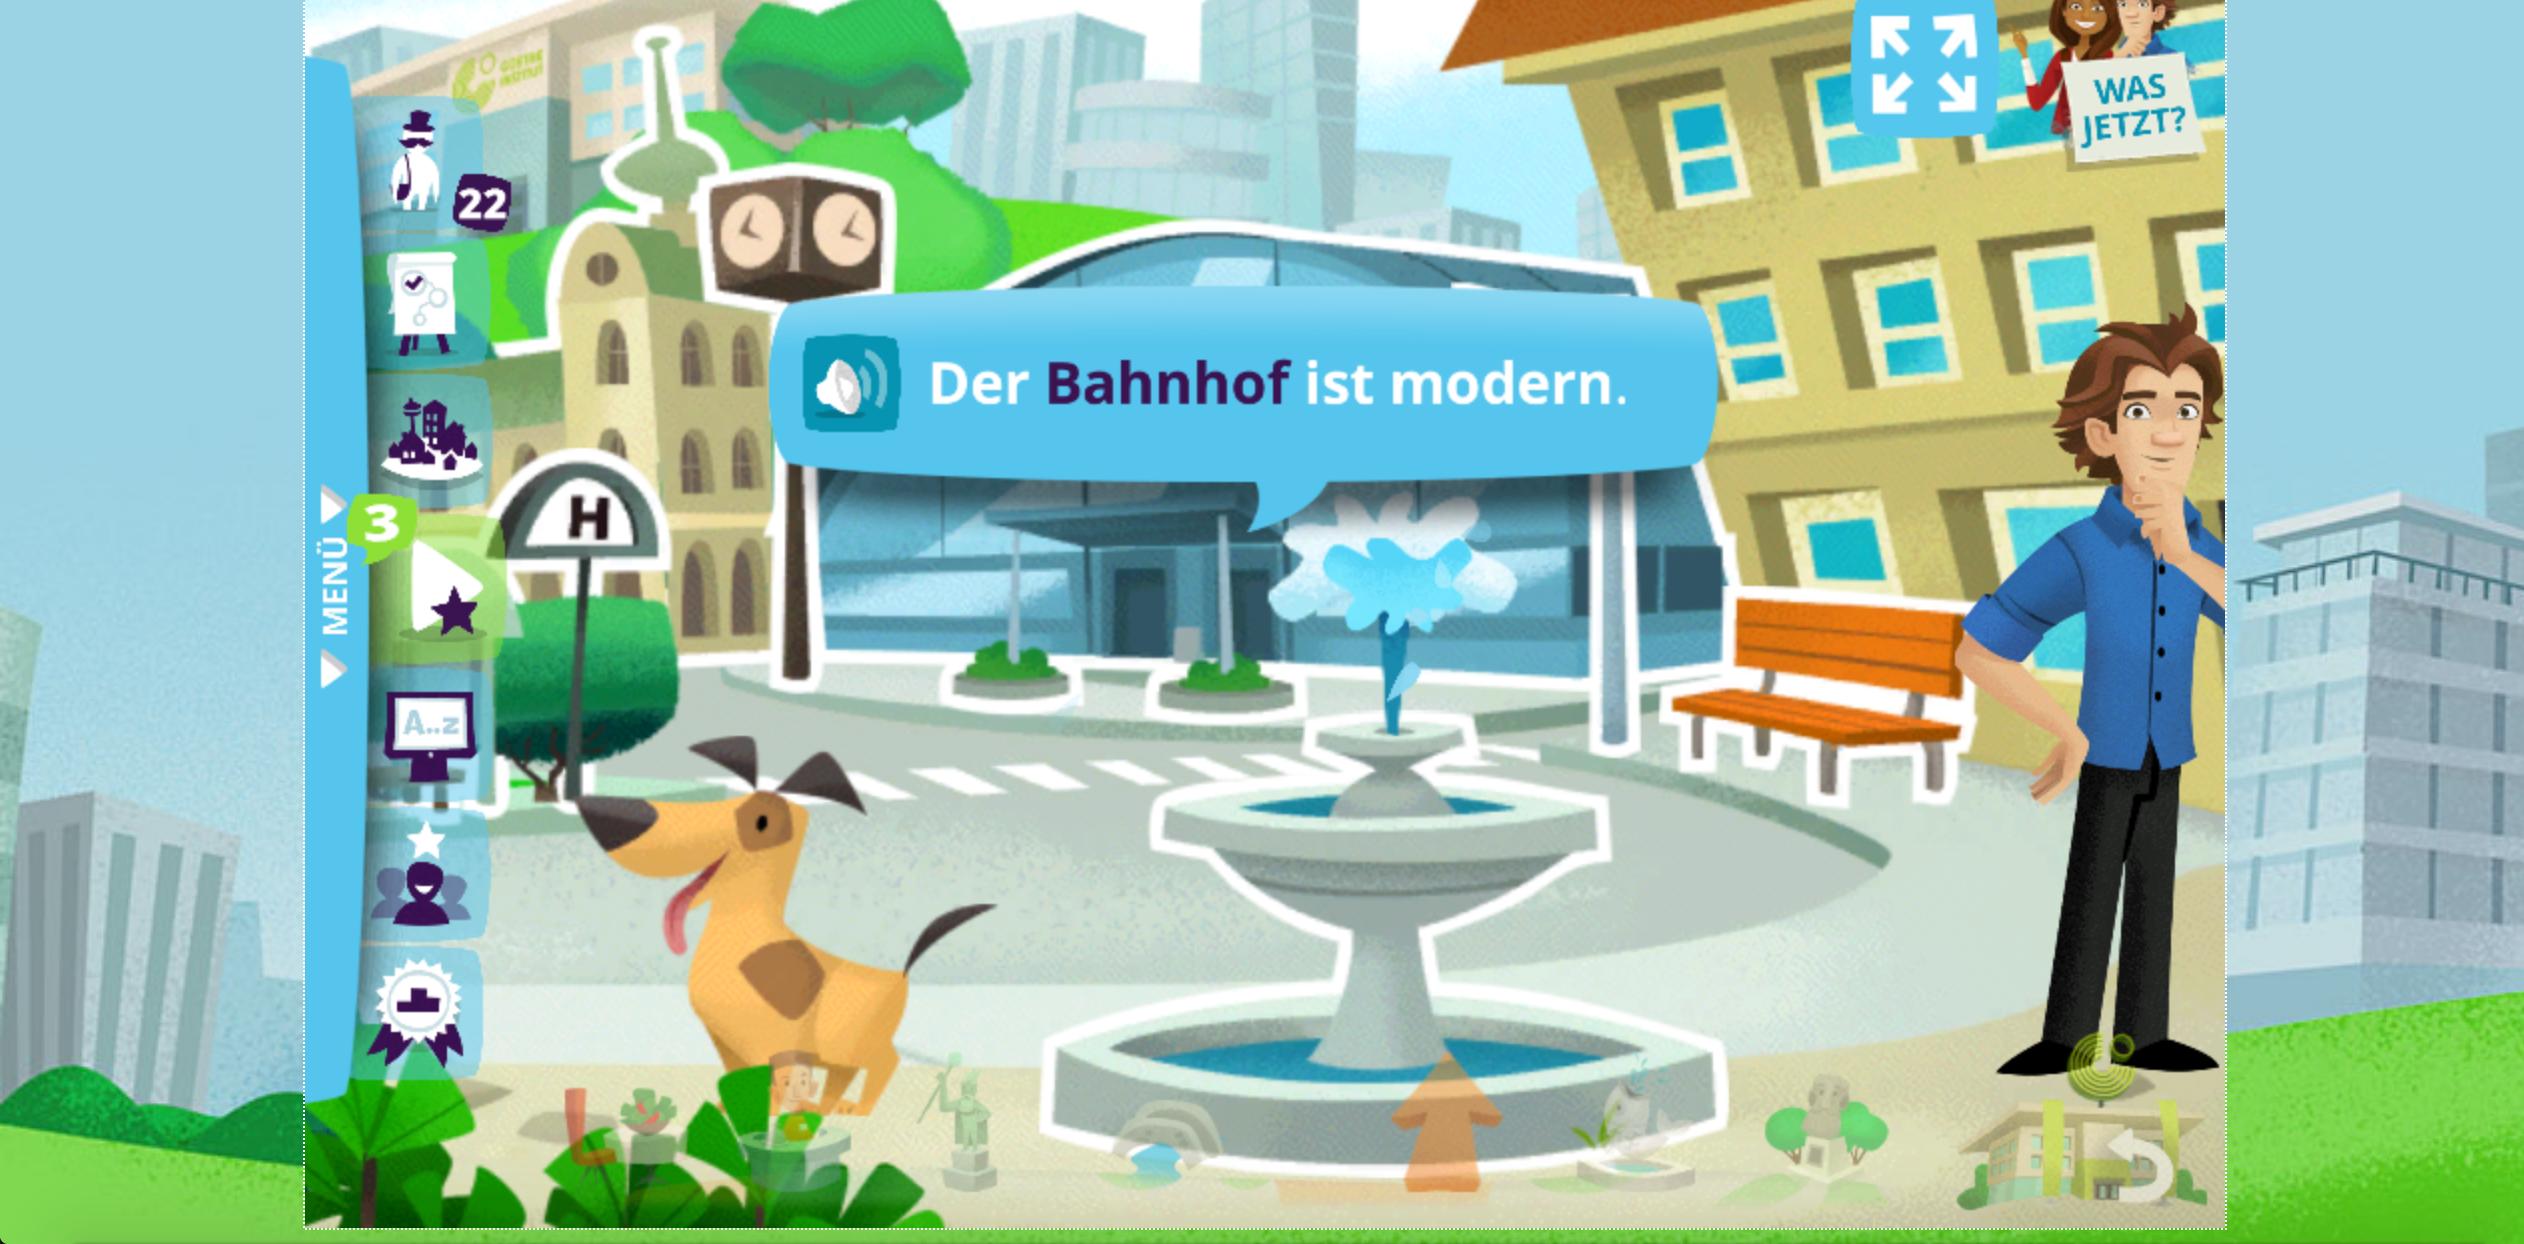 η πολη των λεξεων μαθε Γερμανικα παιζοντας